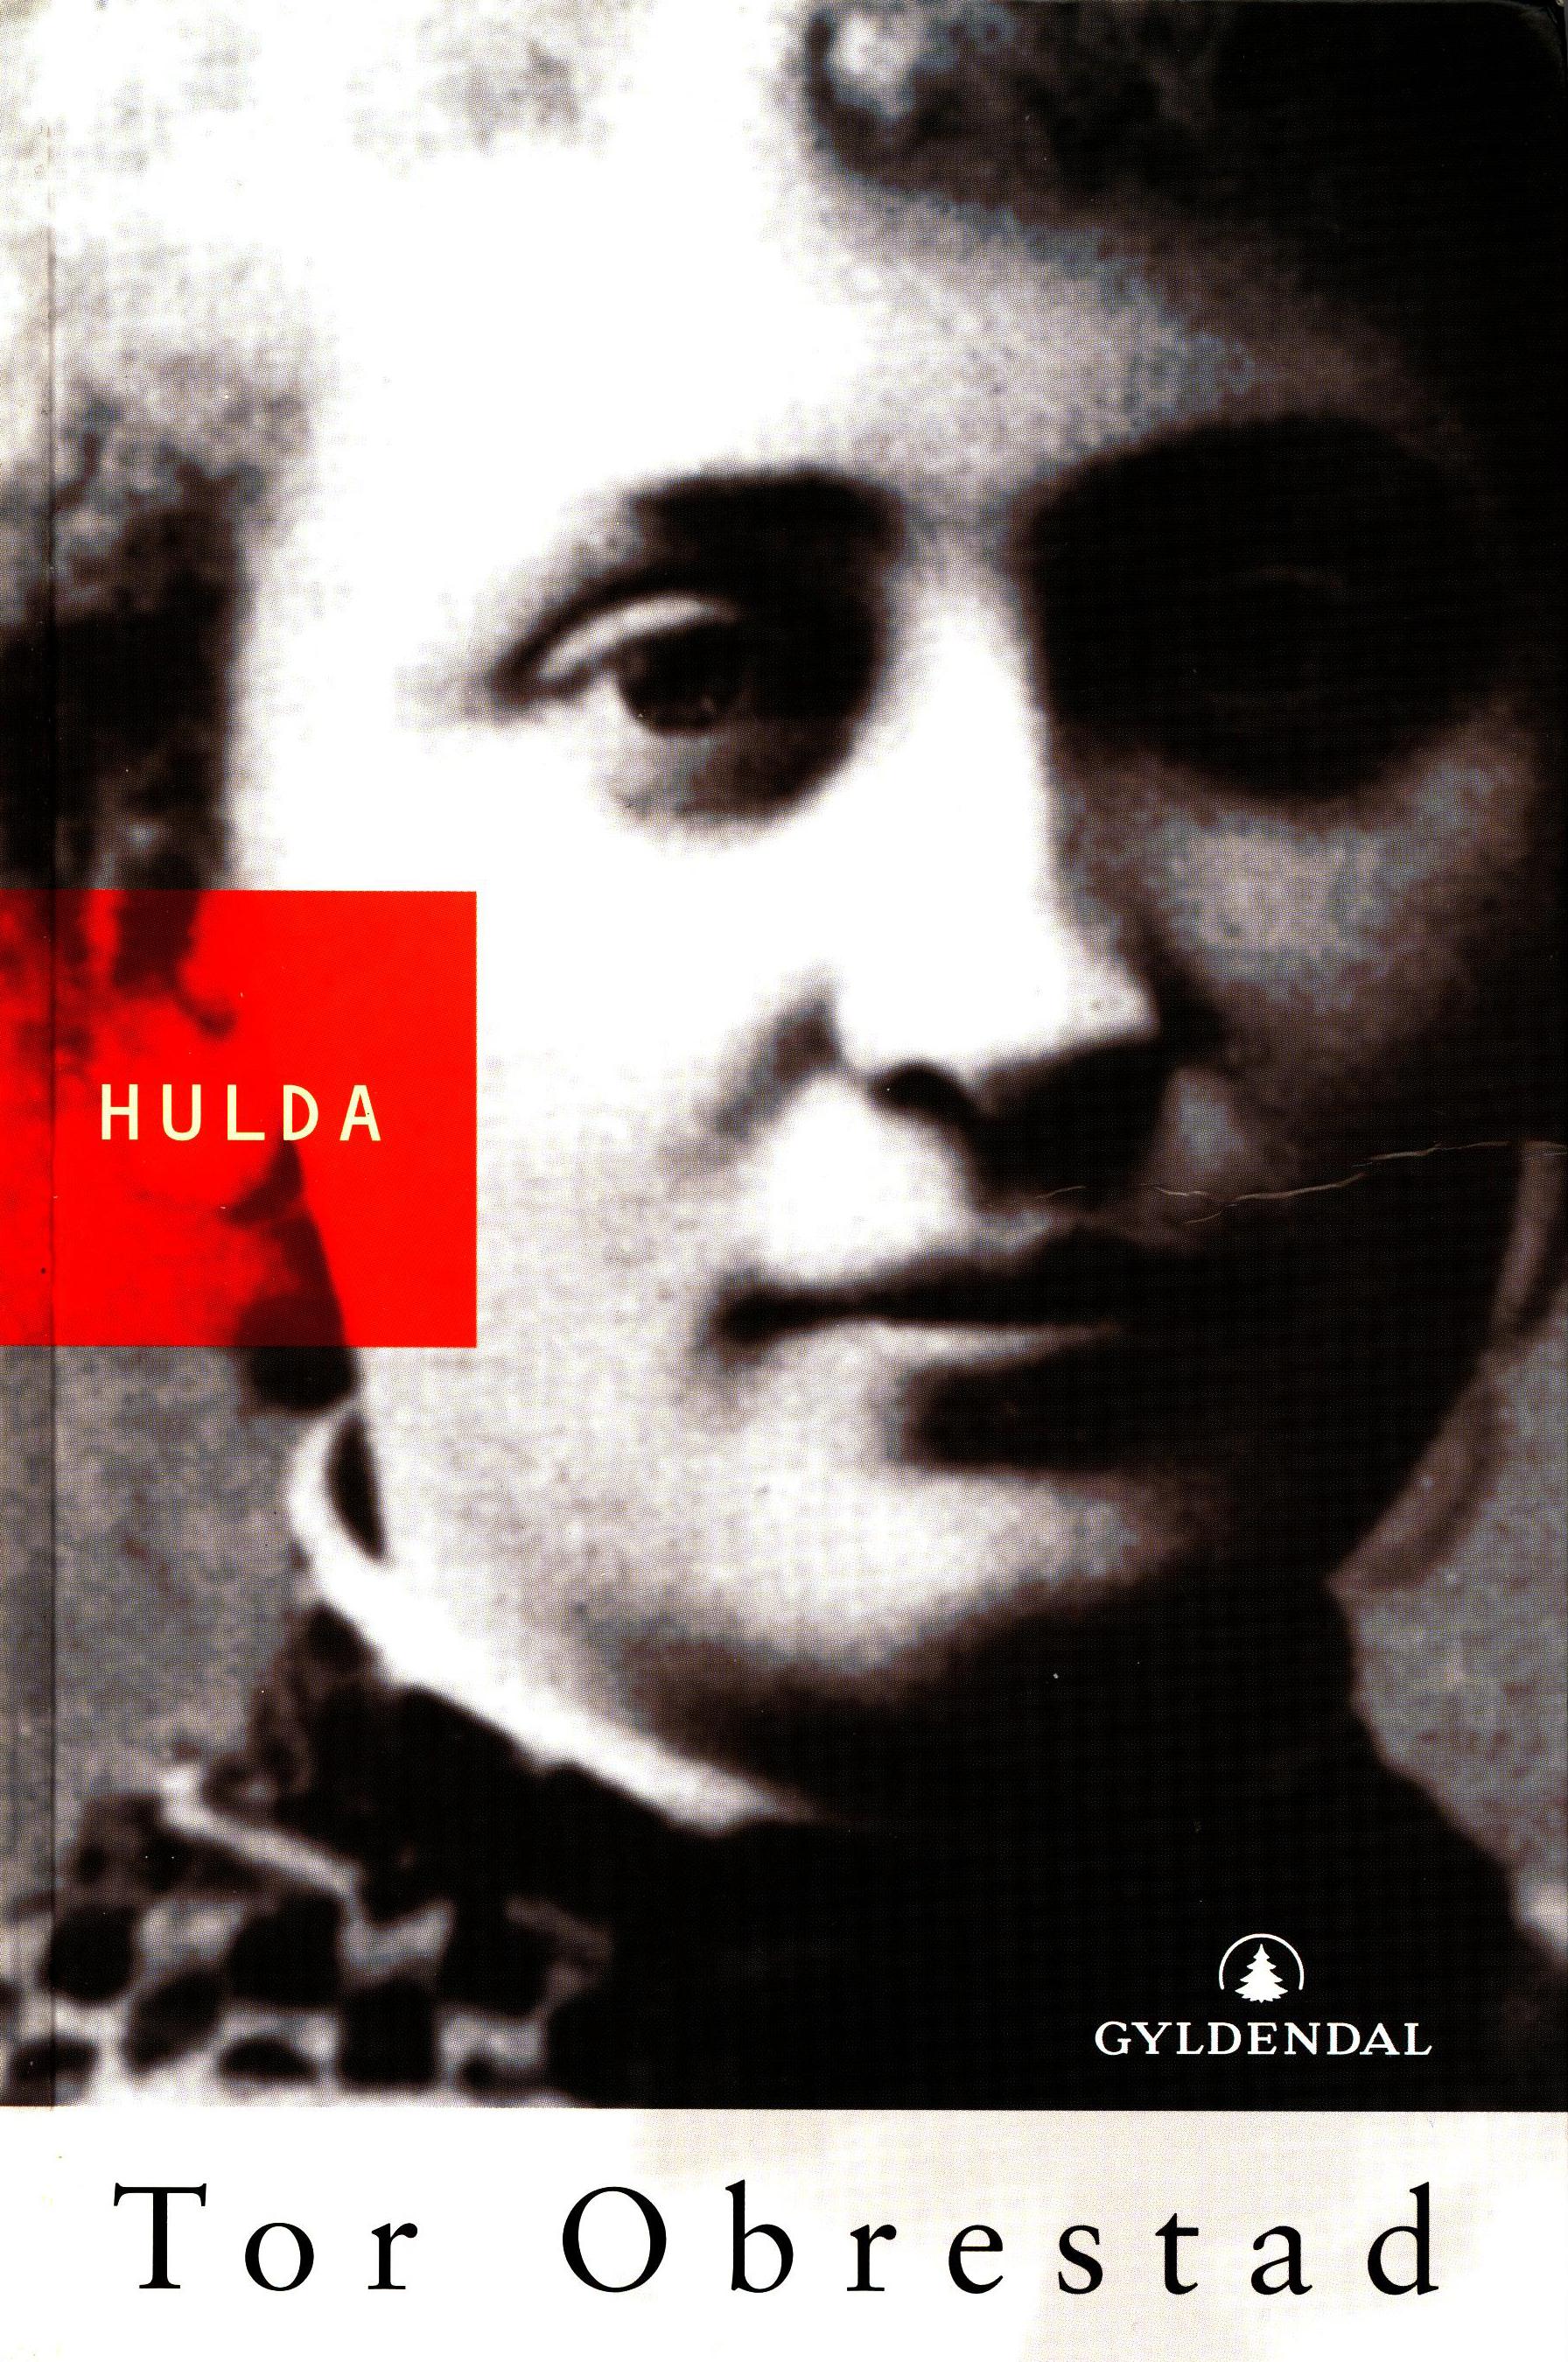 Tor Obrestad: Hulda